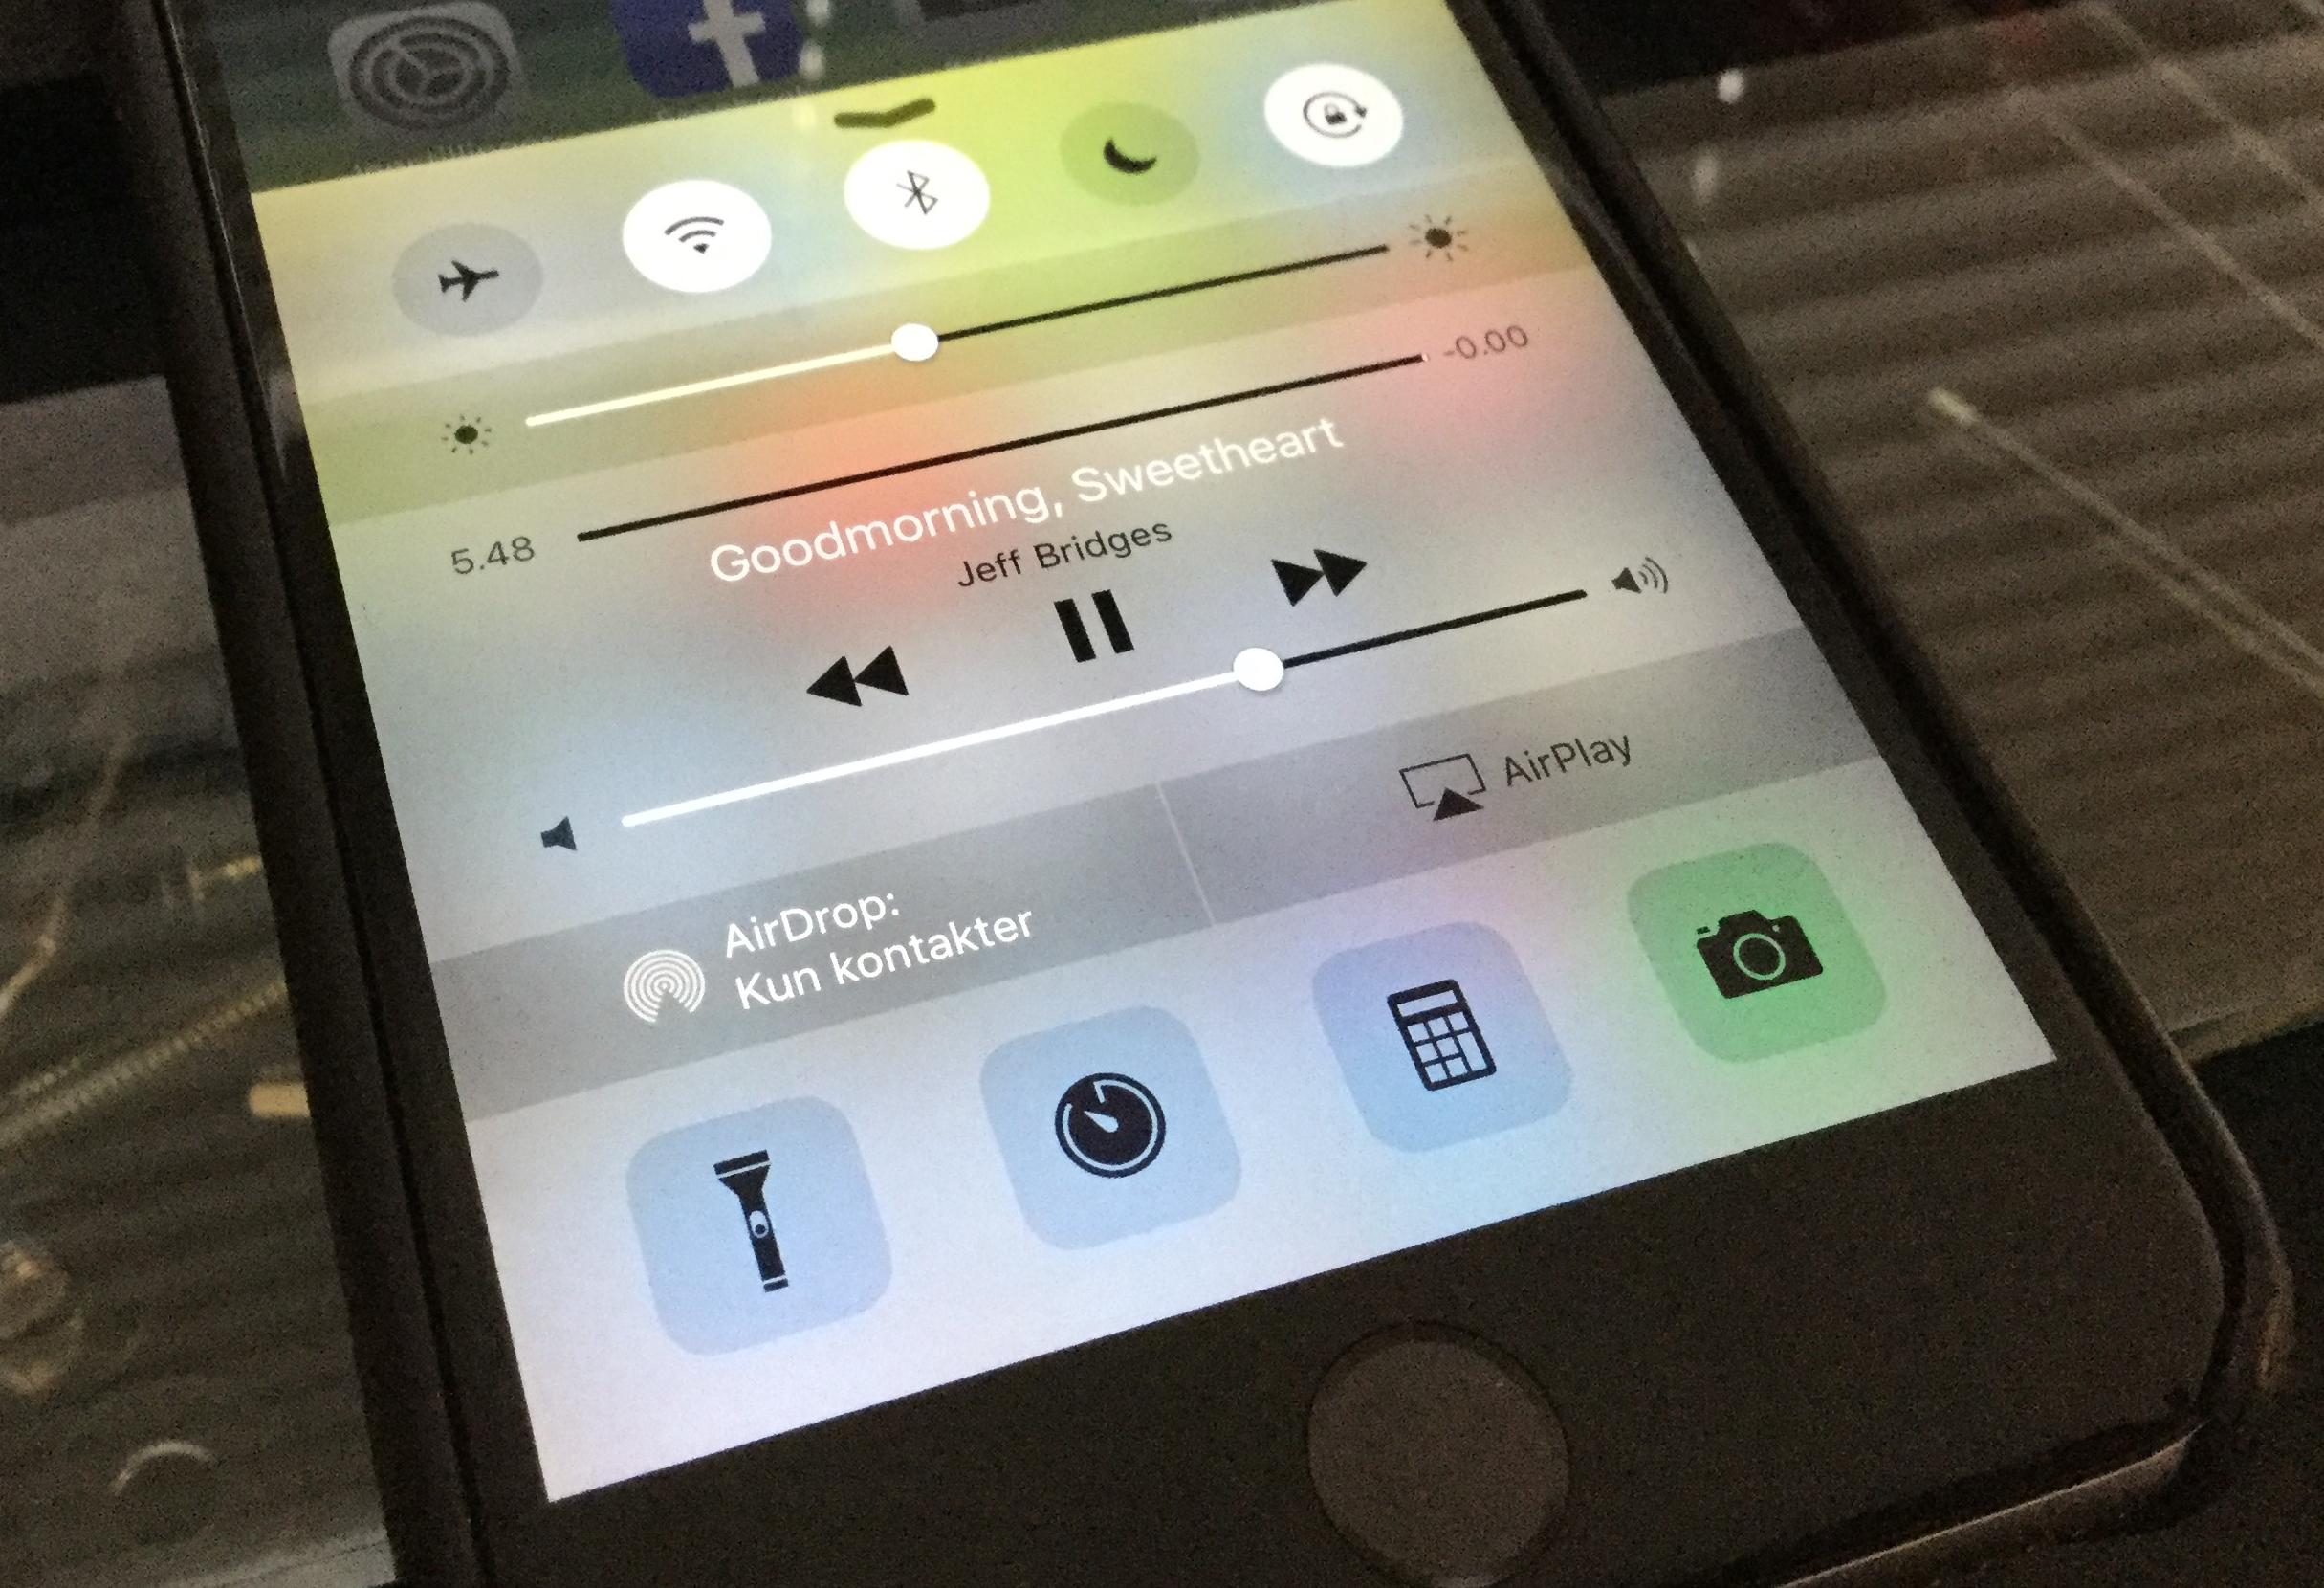 Laste ned musikk direkte på mobilen